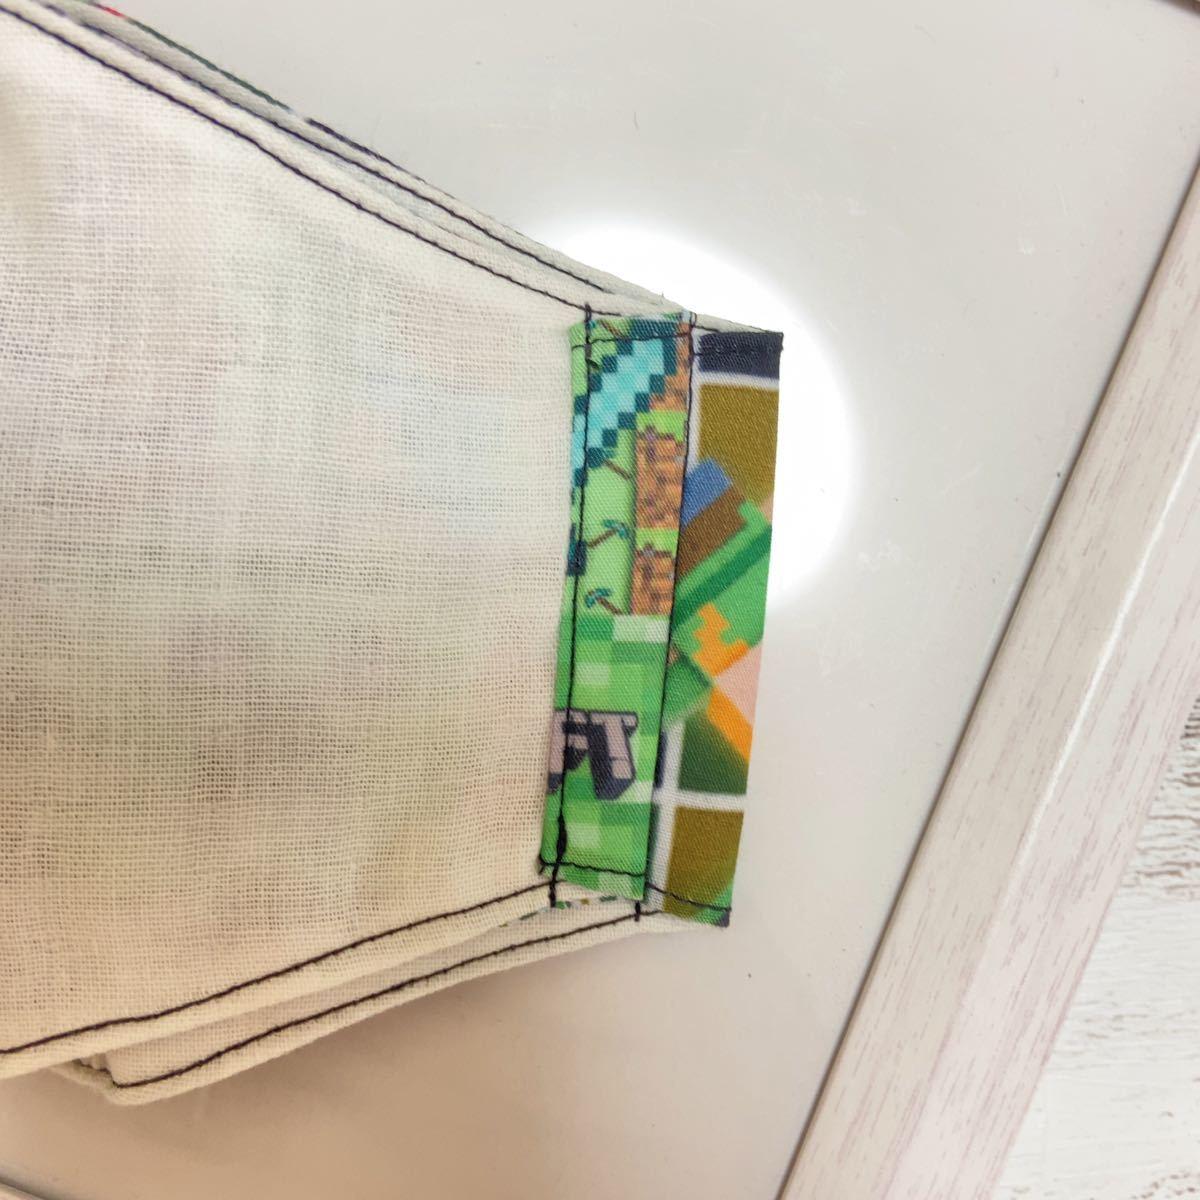 ハンドメイド 夏用 立体インナー 接触冷感生地使用 マイクラ柄 2枚セット